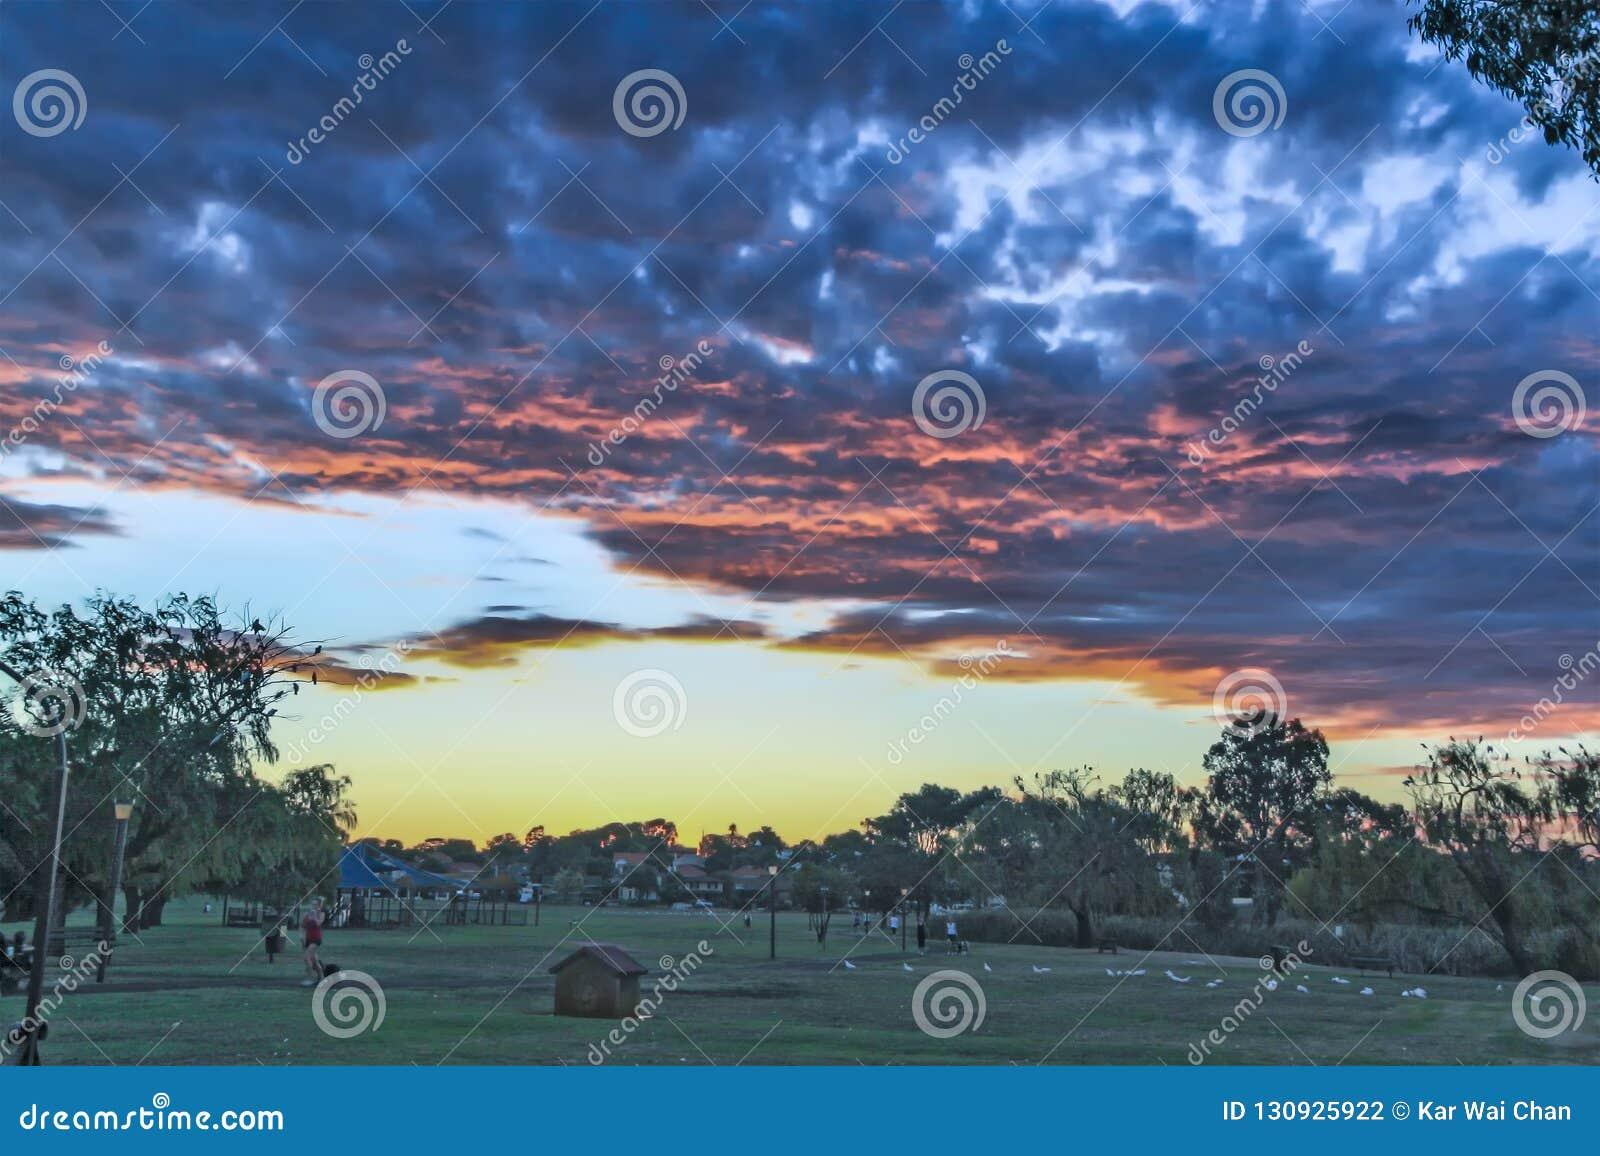 Perth - 2011: Por do sol em um parque com nuvens escuras